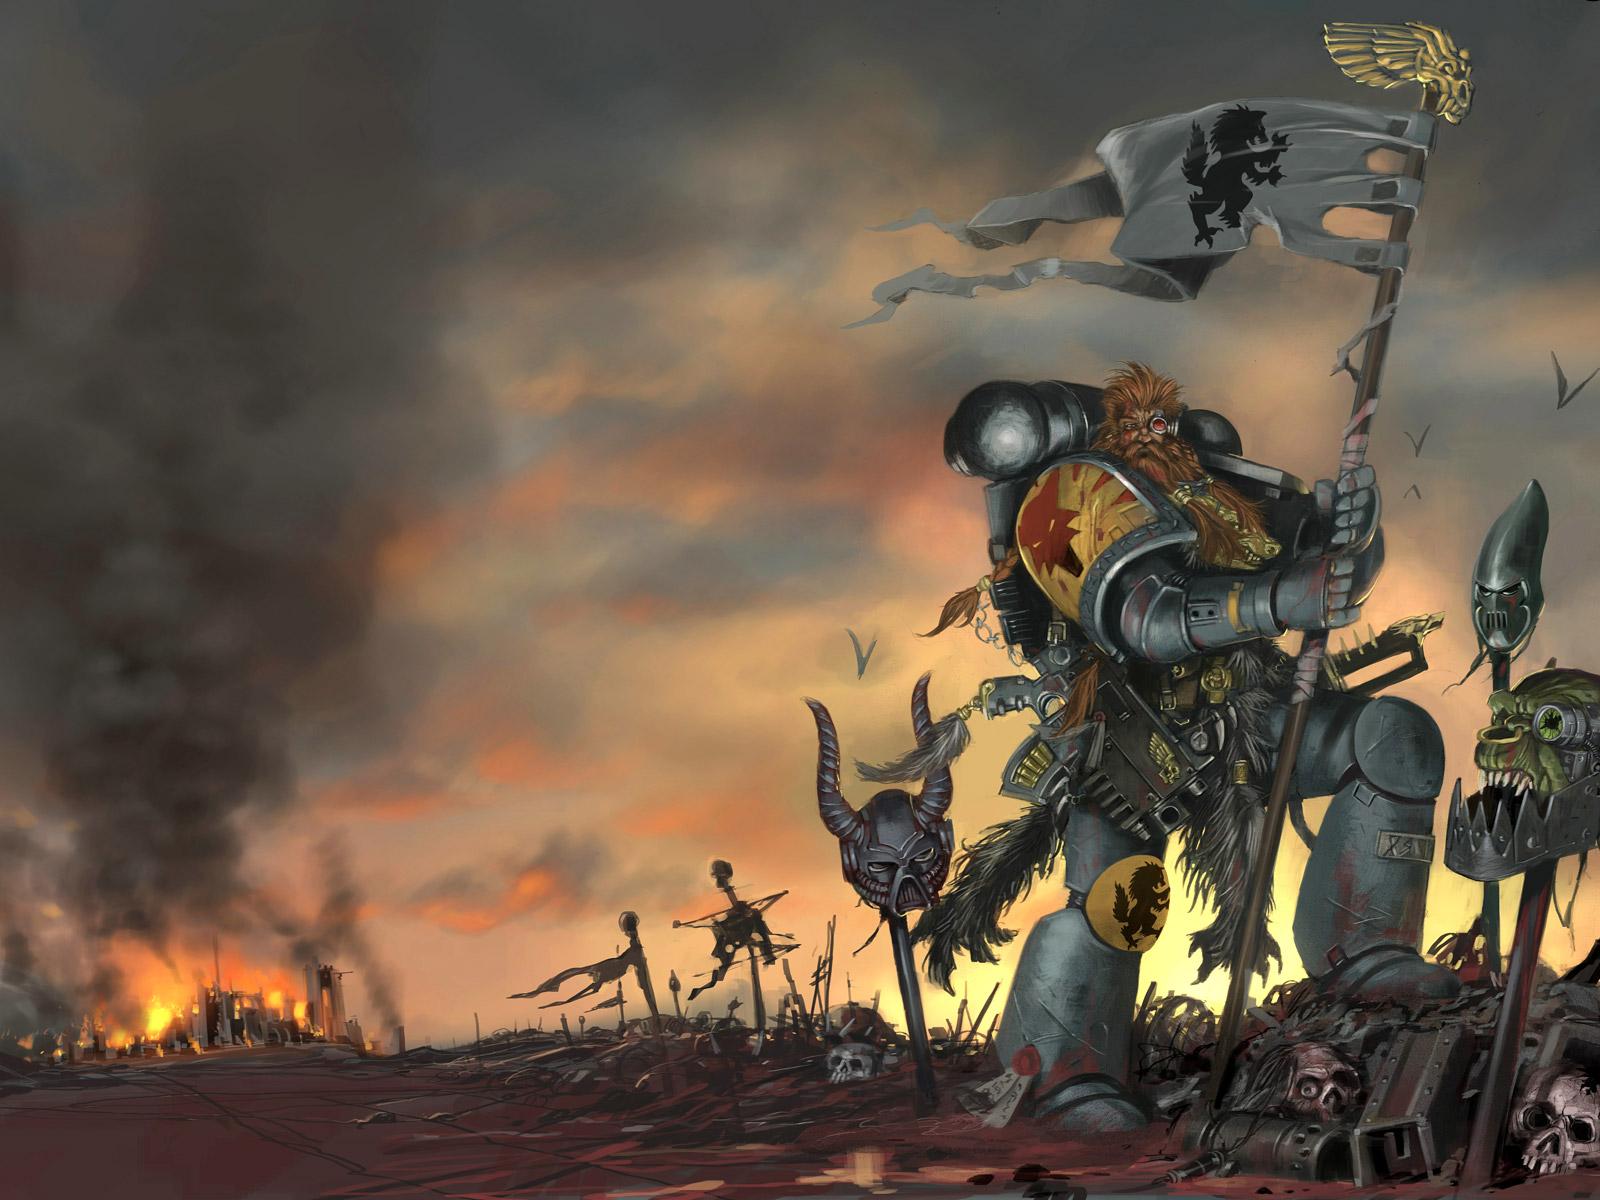 http://3.bp.blogspot.com/-fcKoEsOhlZk/Tl9zmZywUnI/AAAAAAAAA7Y/jM_0PWP58jU/s1600/warhammer-wallpaper.jpg